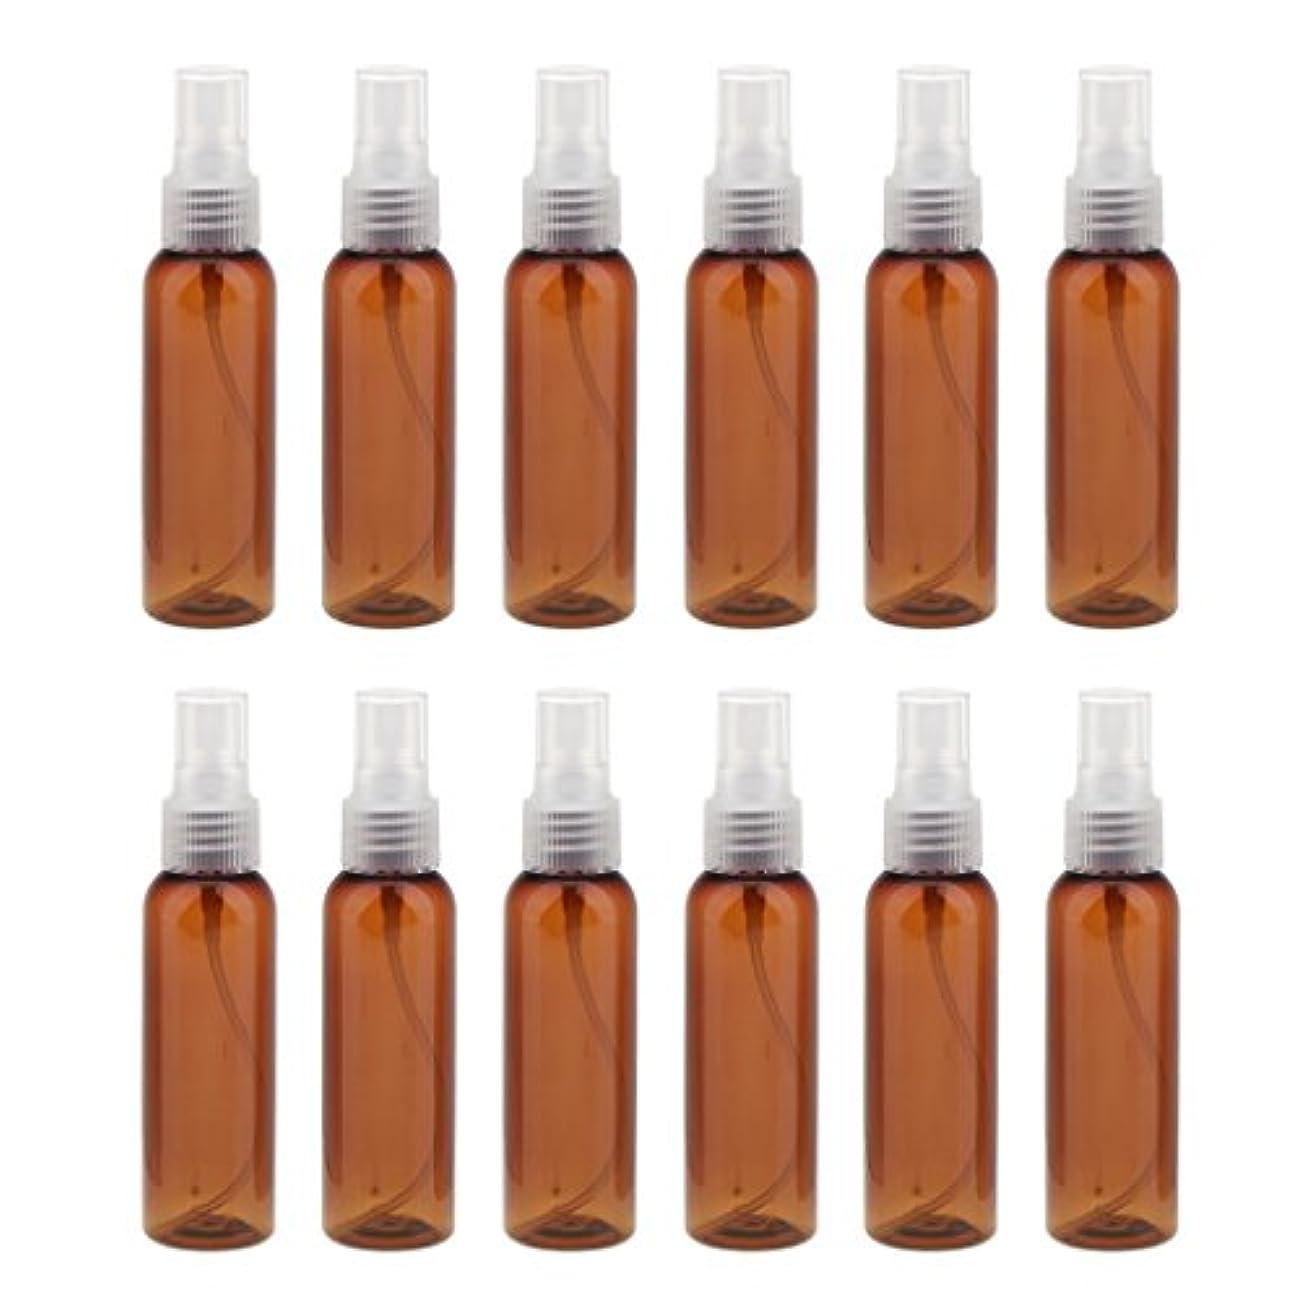 少数頂点許容できる詰め替え 化粧品容器 コンセプト 空のスプレーボトル 旅行 漏れ防止 60ml 12本 全3色 - クリア